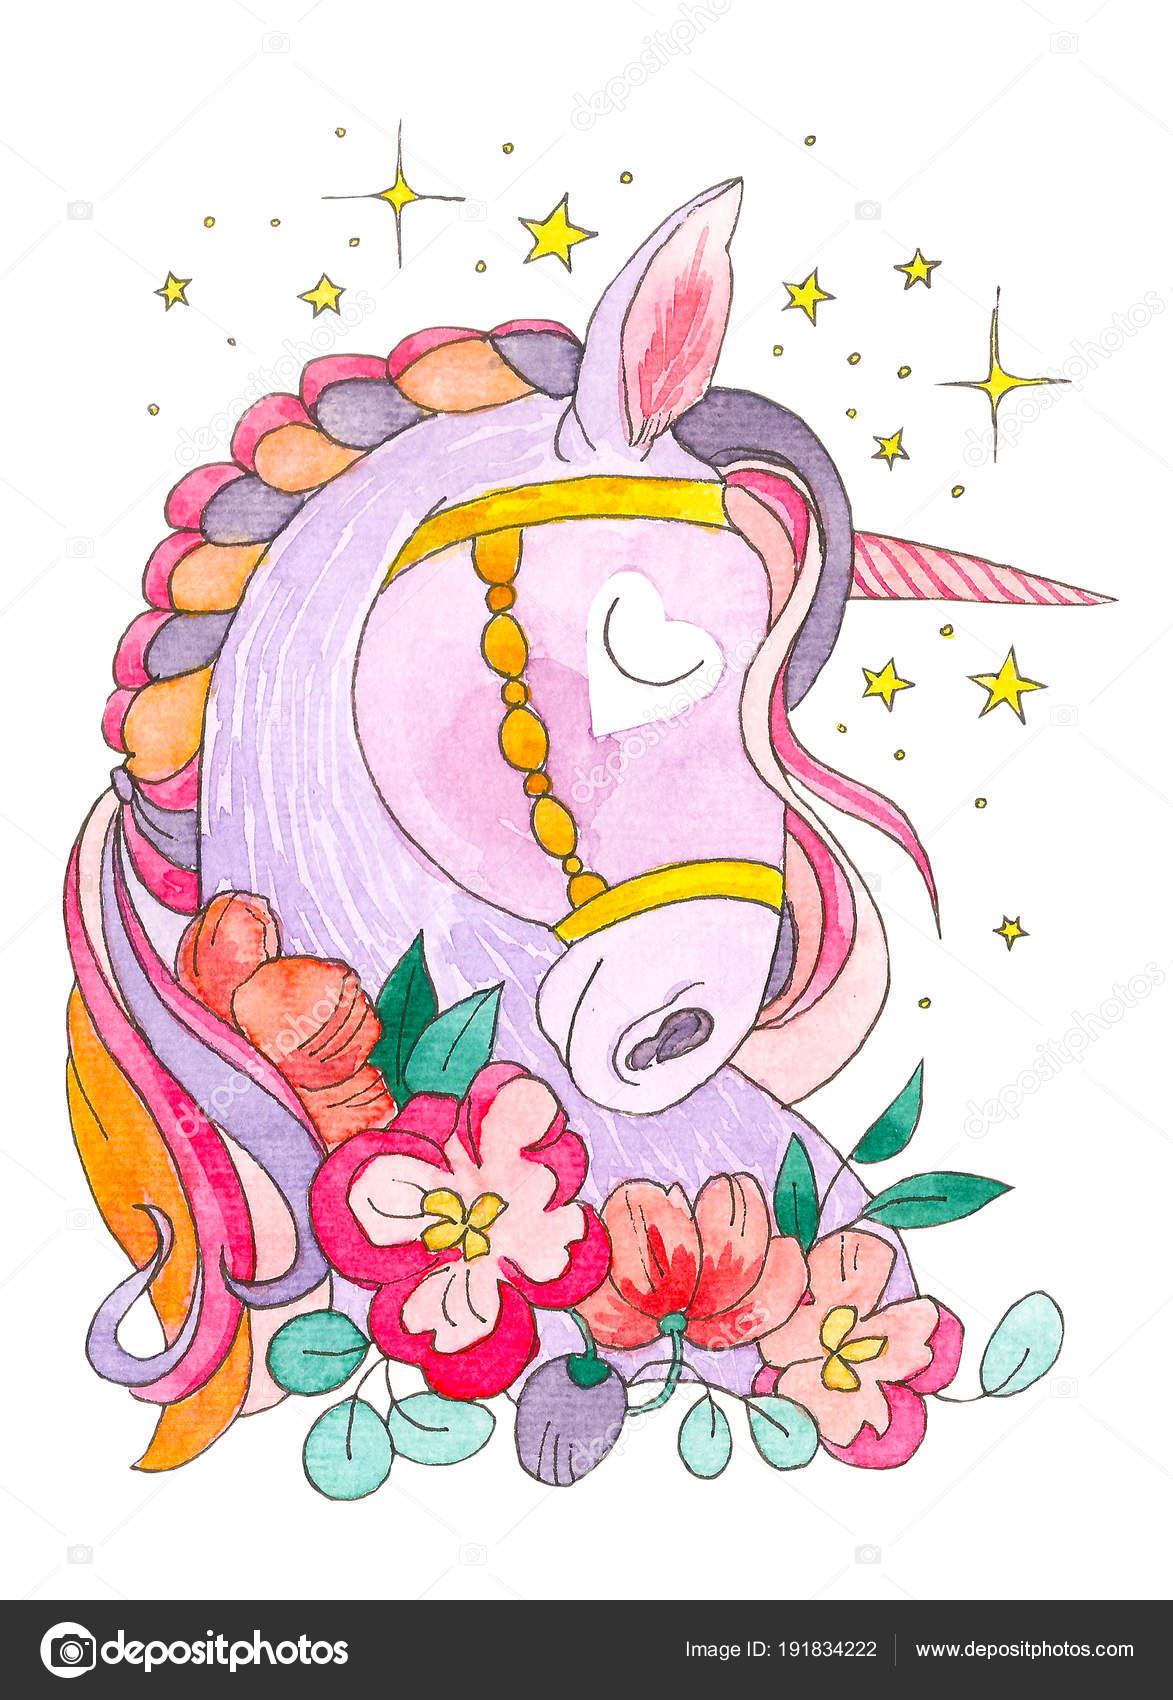 Tek Boynuzlu At Hayalini Yıldız Ve çiçekler Etrafında Büyülü